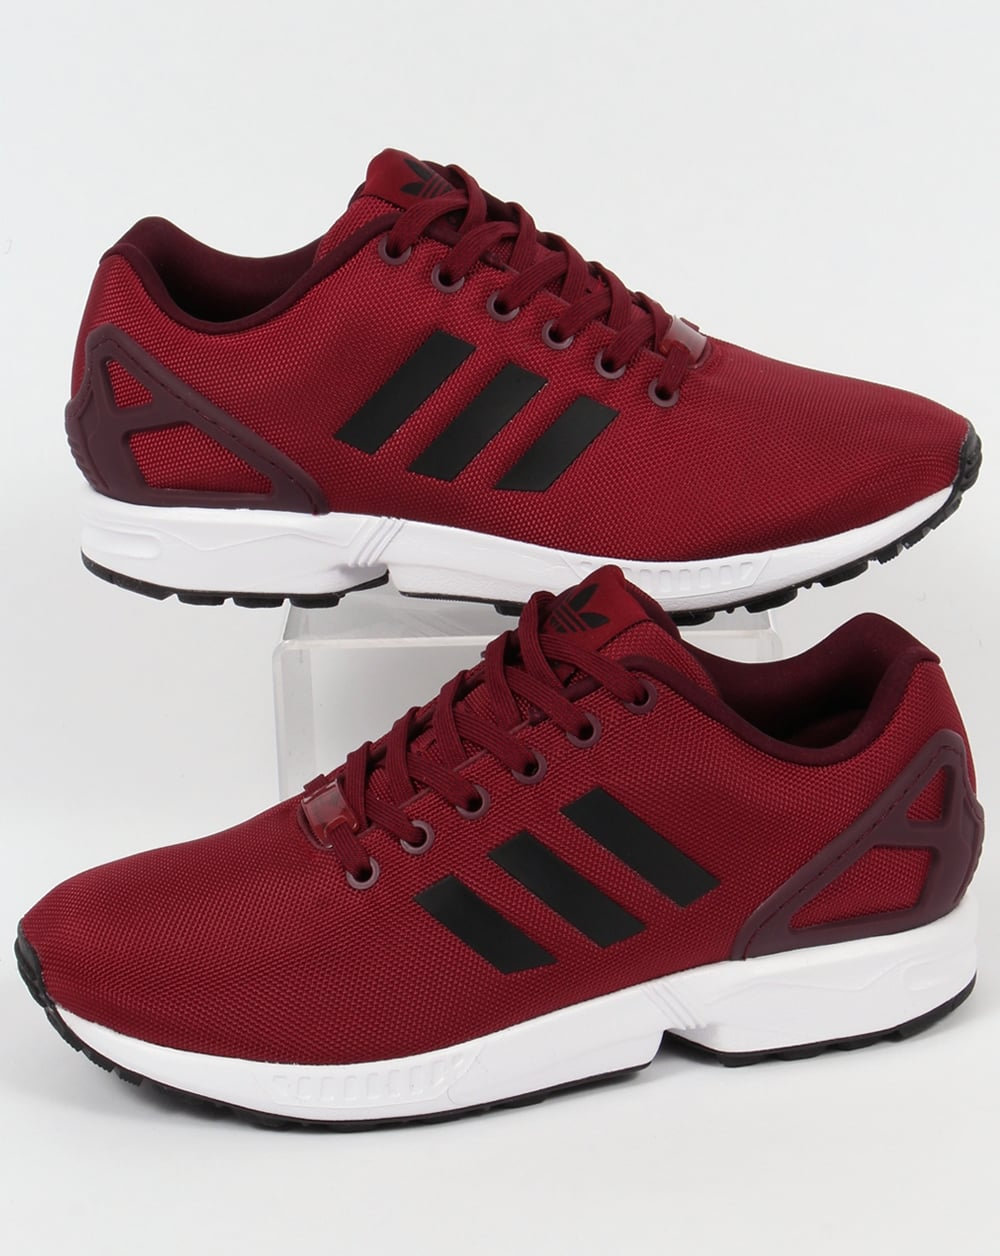 site réputé 5314e 82faa Adidas ZX Flux Trainers Burgundy/Black